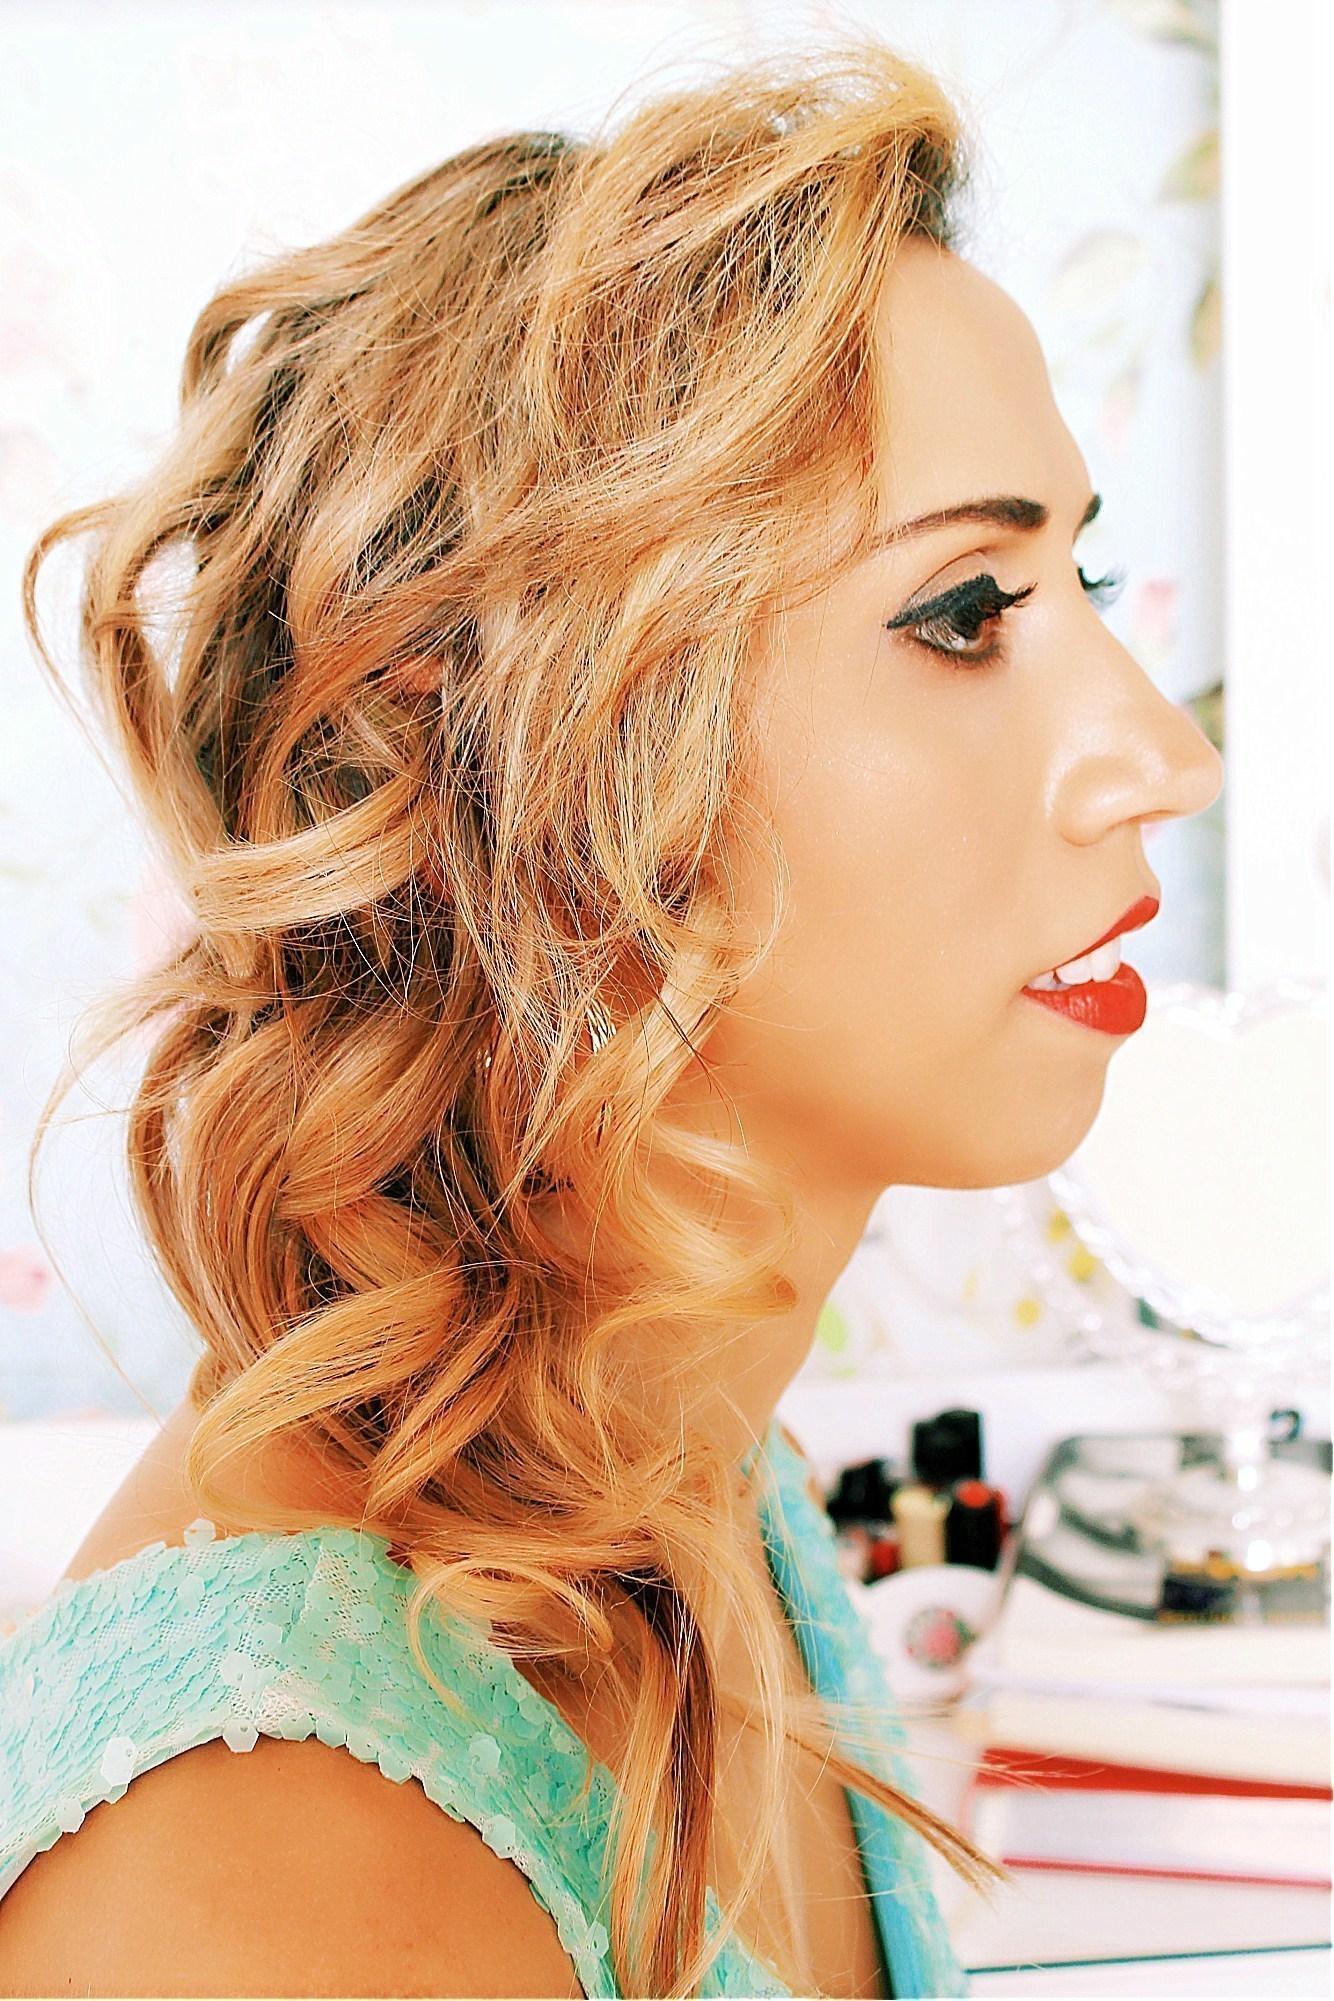 Make para festa/casamento/formatura Maquiagem e cabelo feitos por mim, no entanto, não sou cabeleireira. maquiador(a)